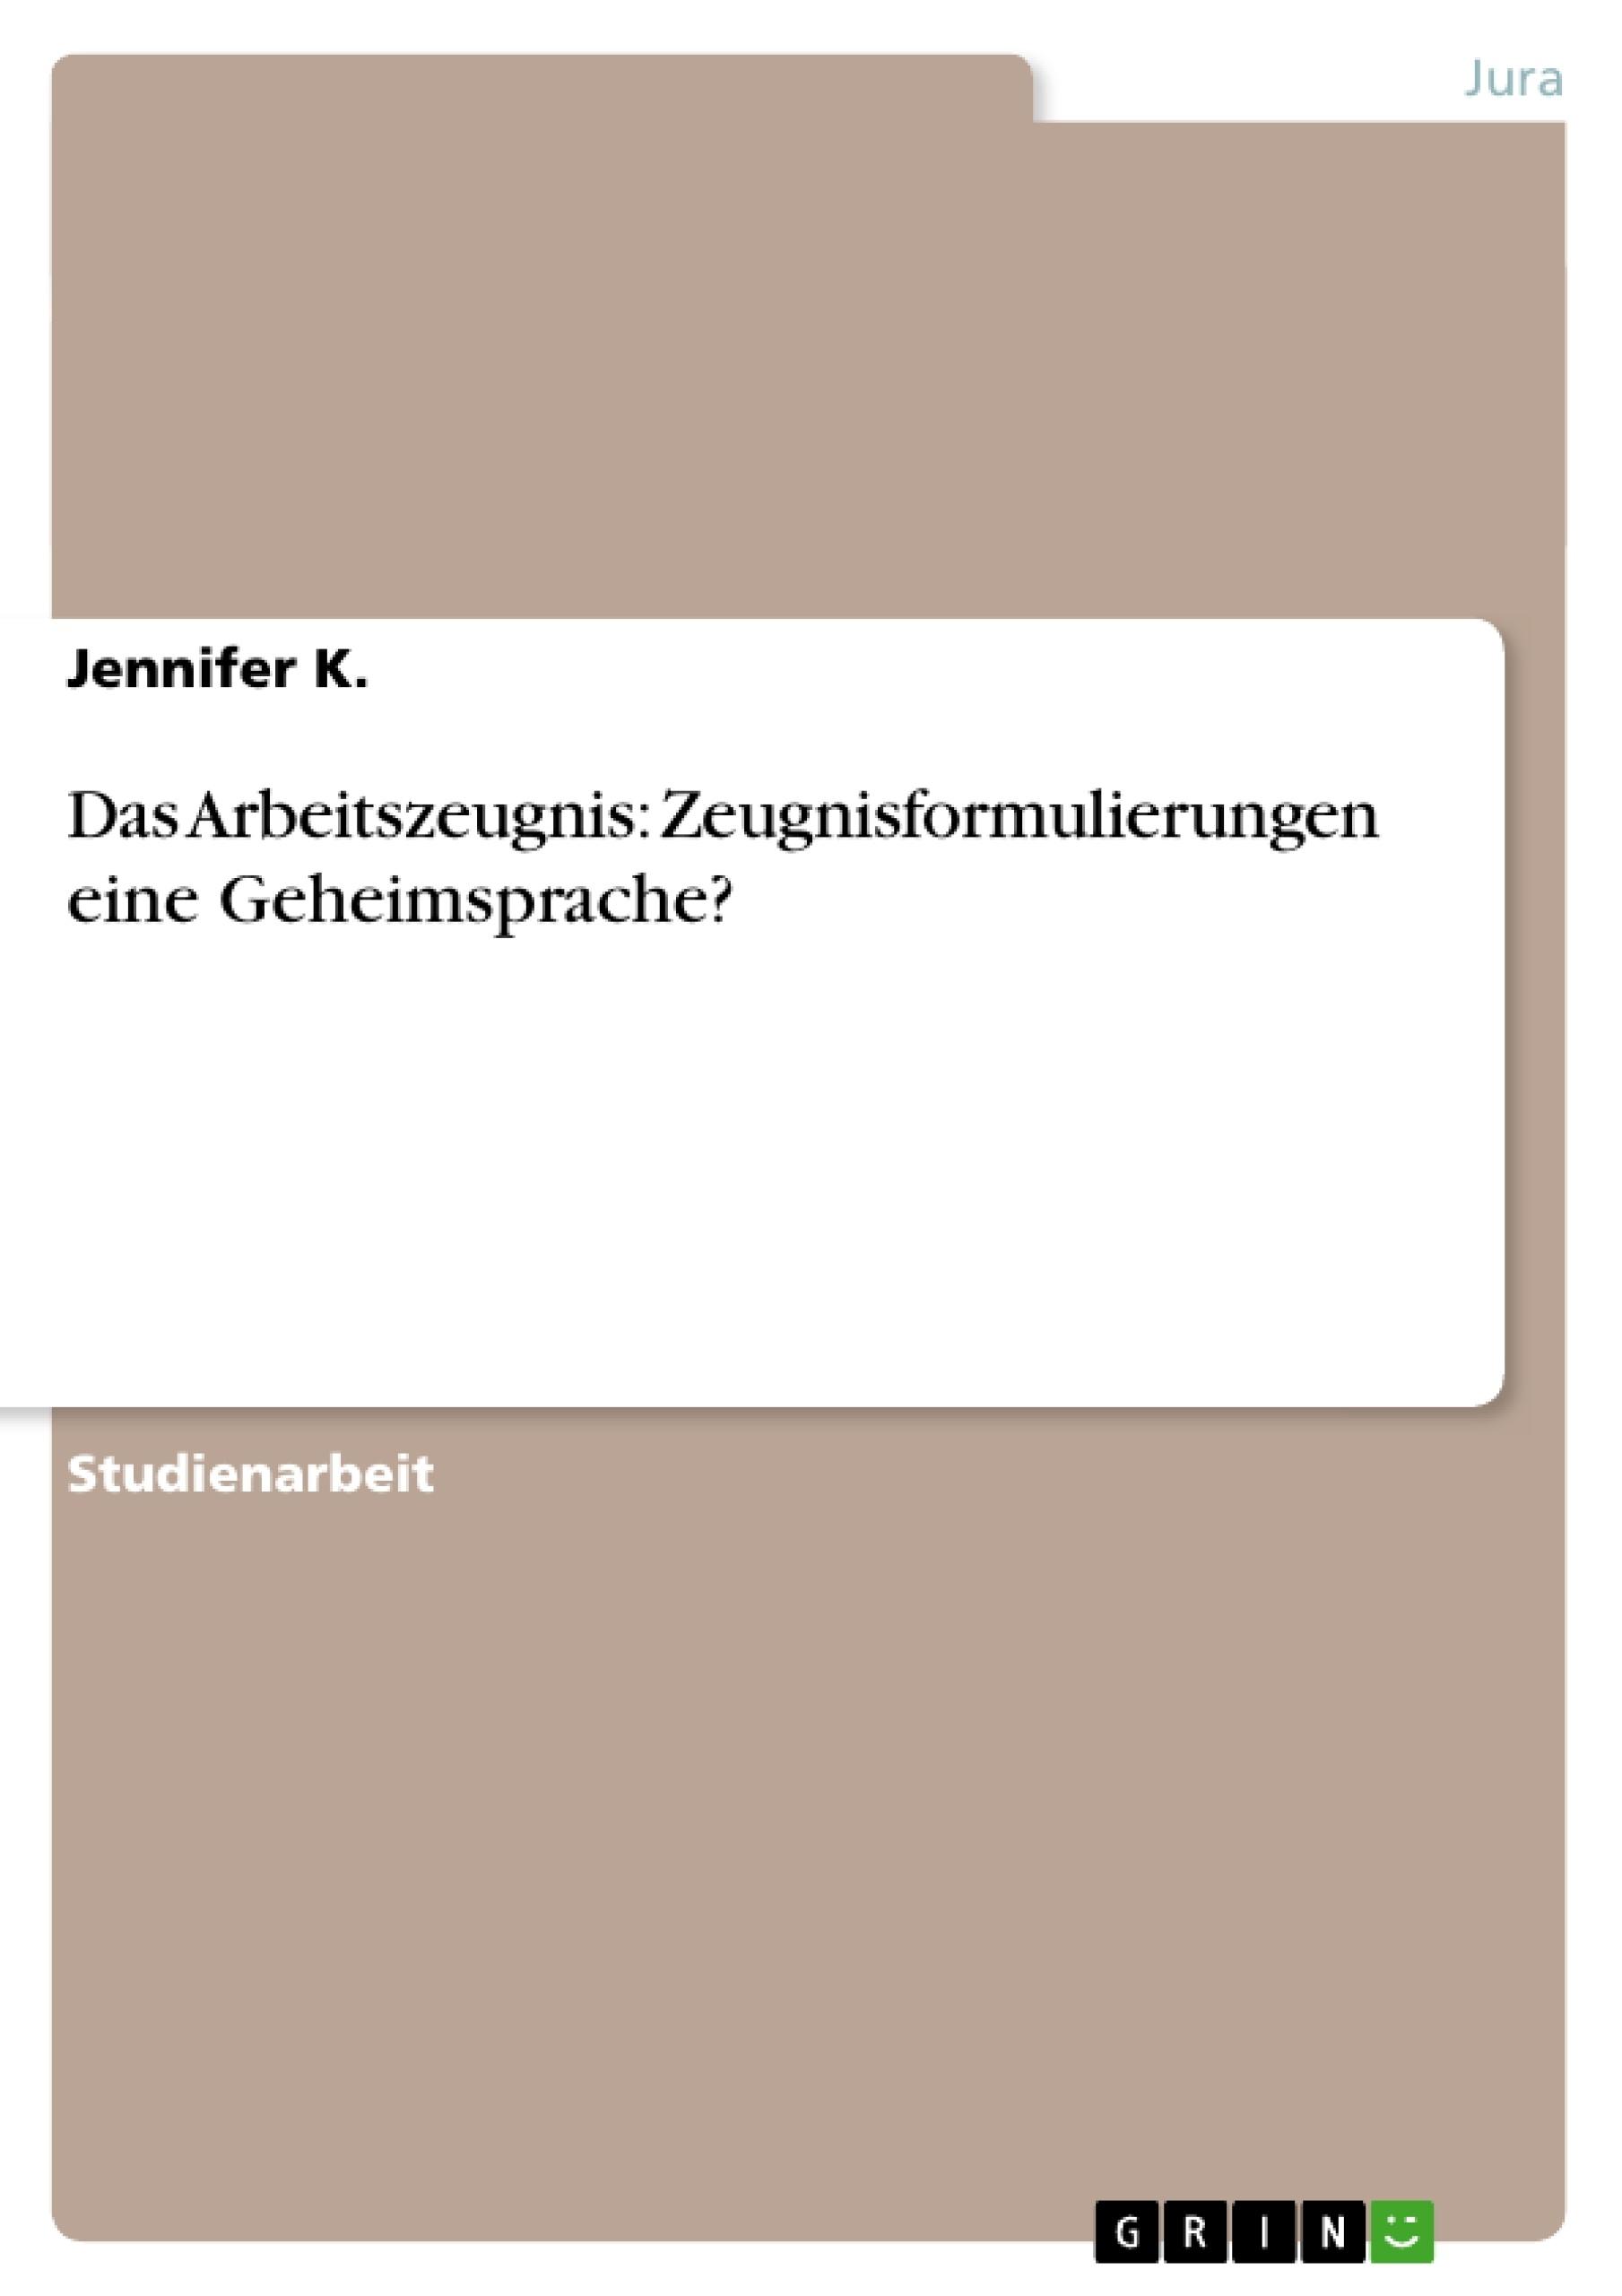 Titel: Das Arbeitszeugnis: Zeugnisformulierungen eine Geheimsprache?